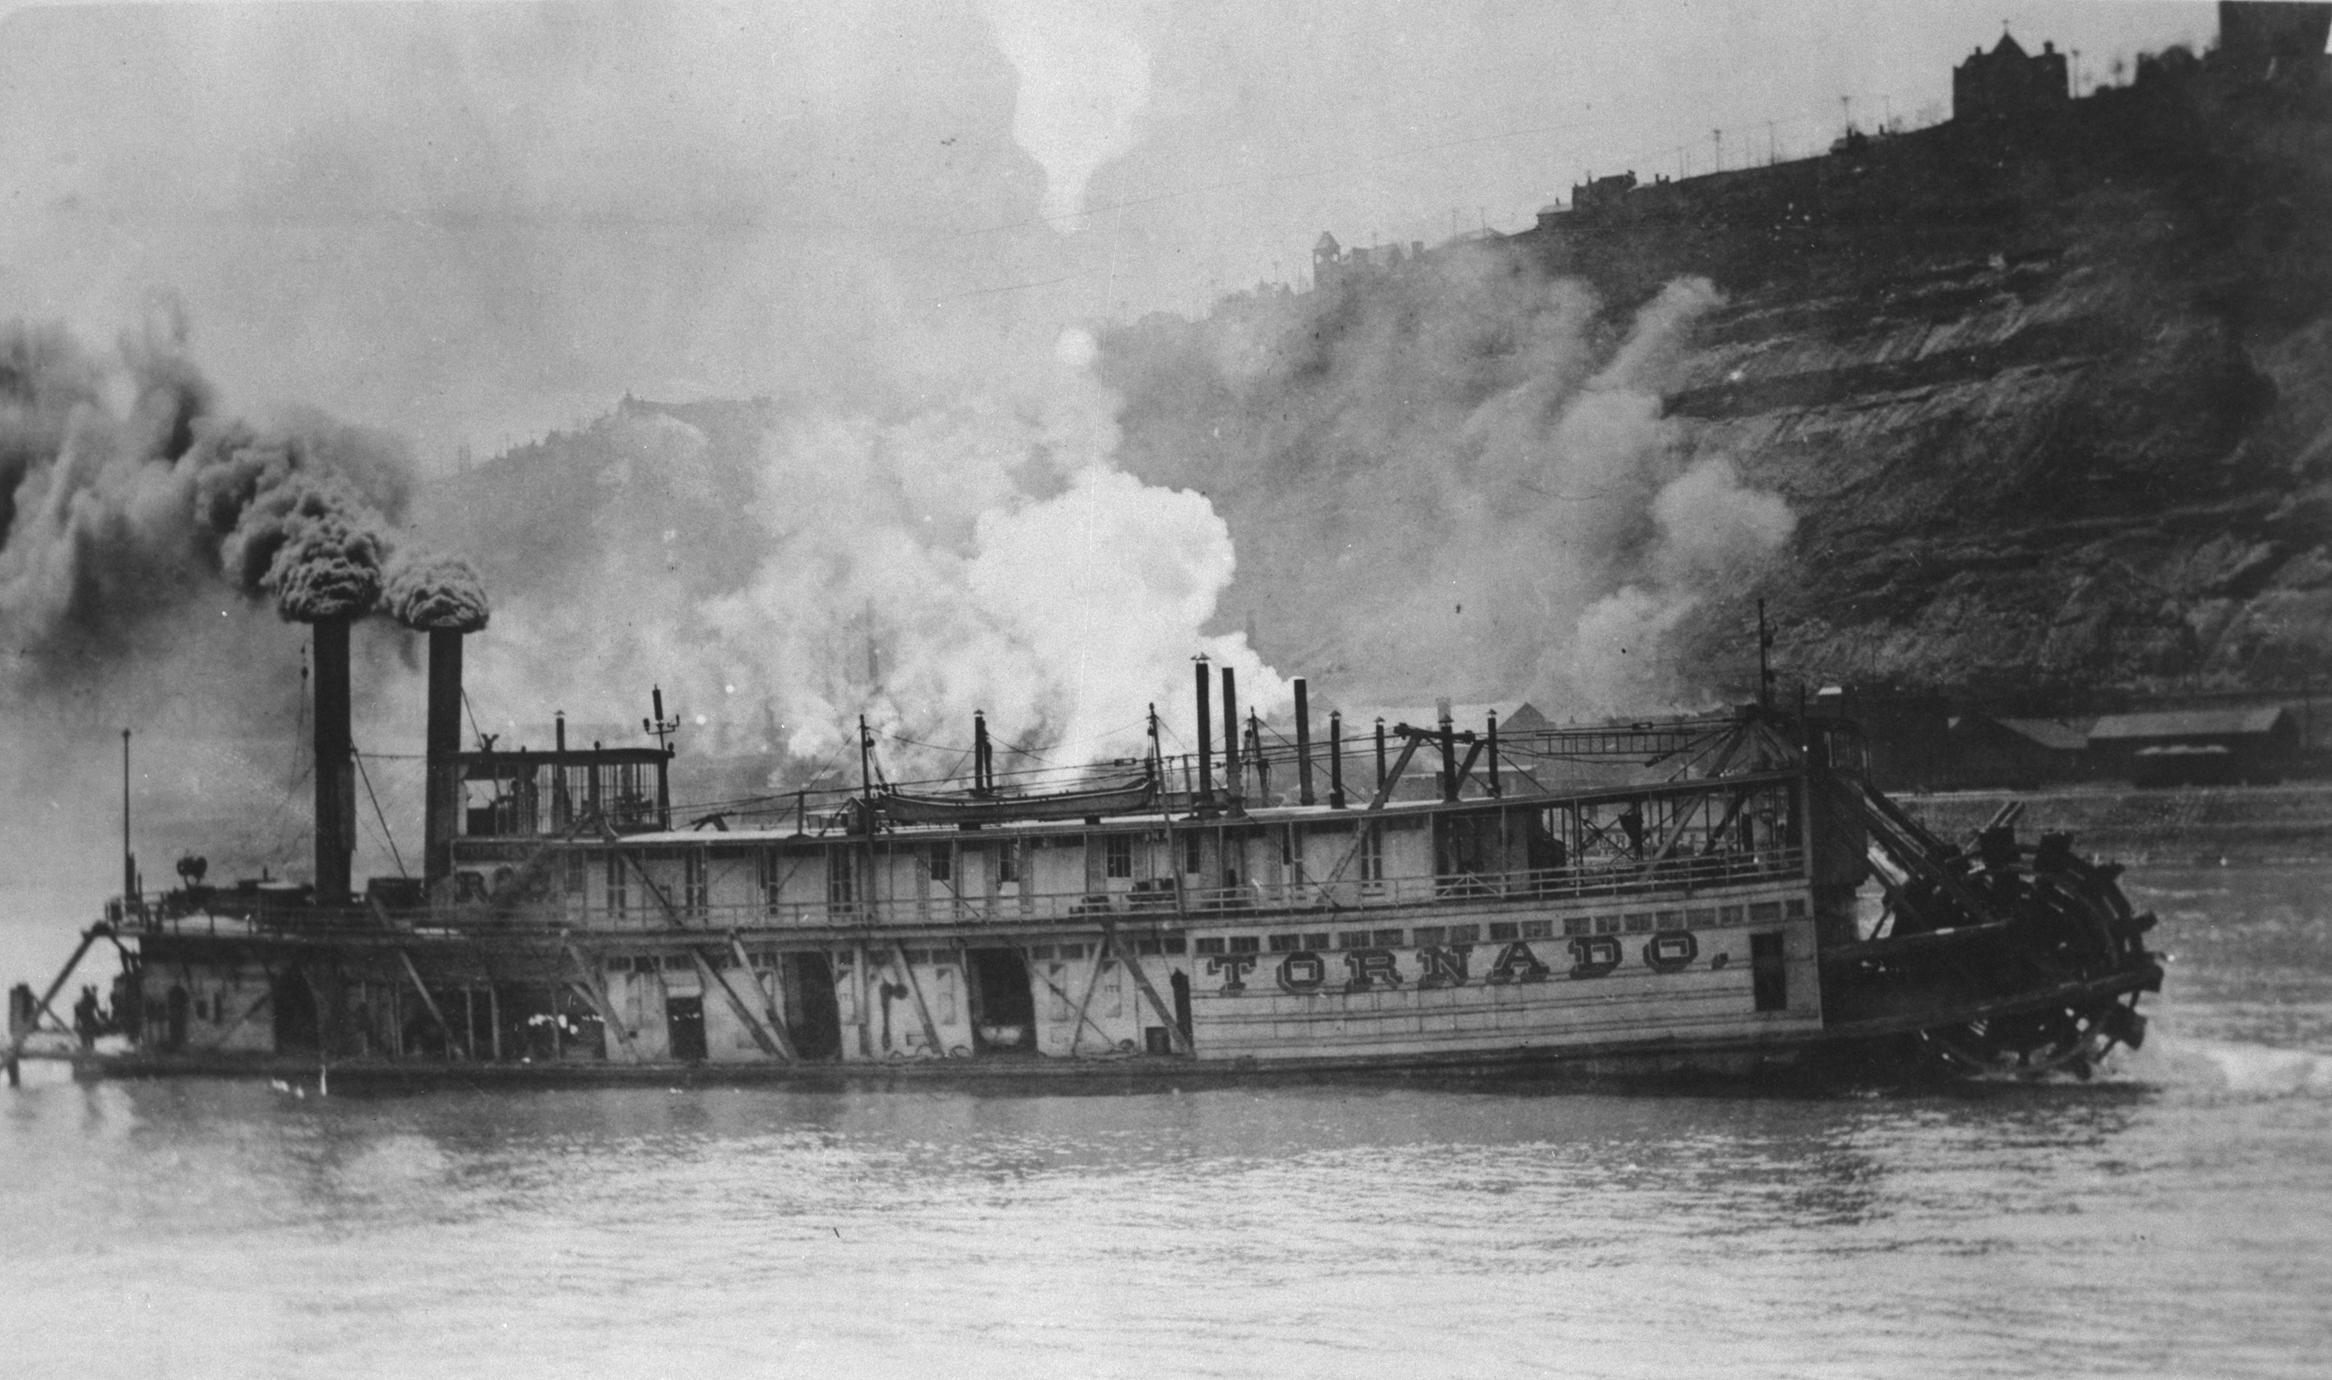 Tornado (Towboat, 1895-1921)